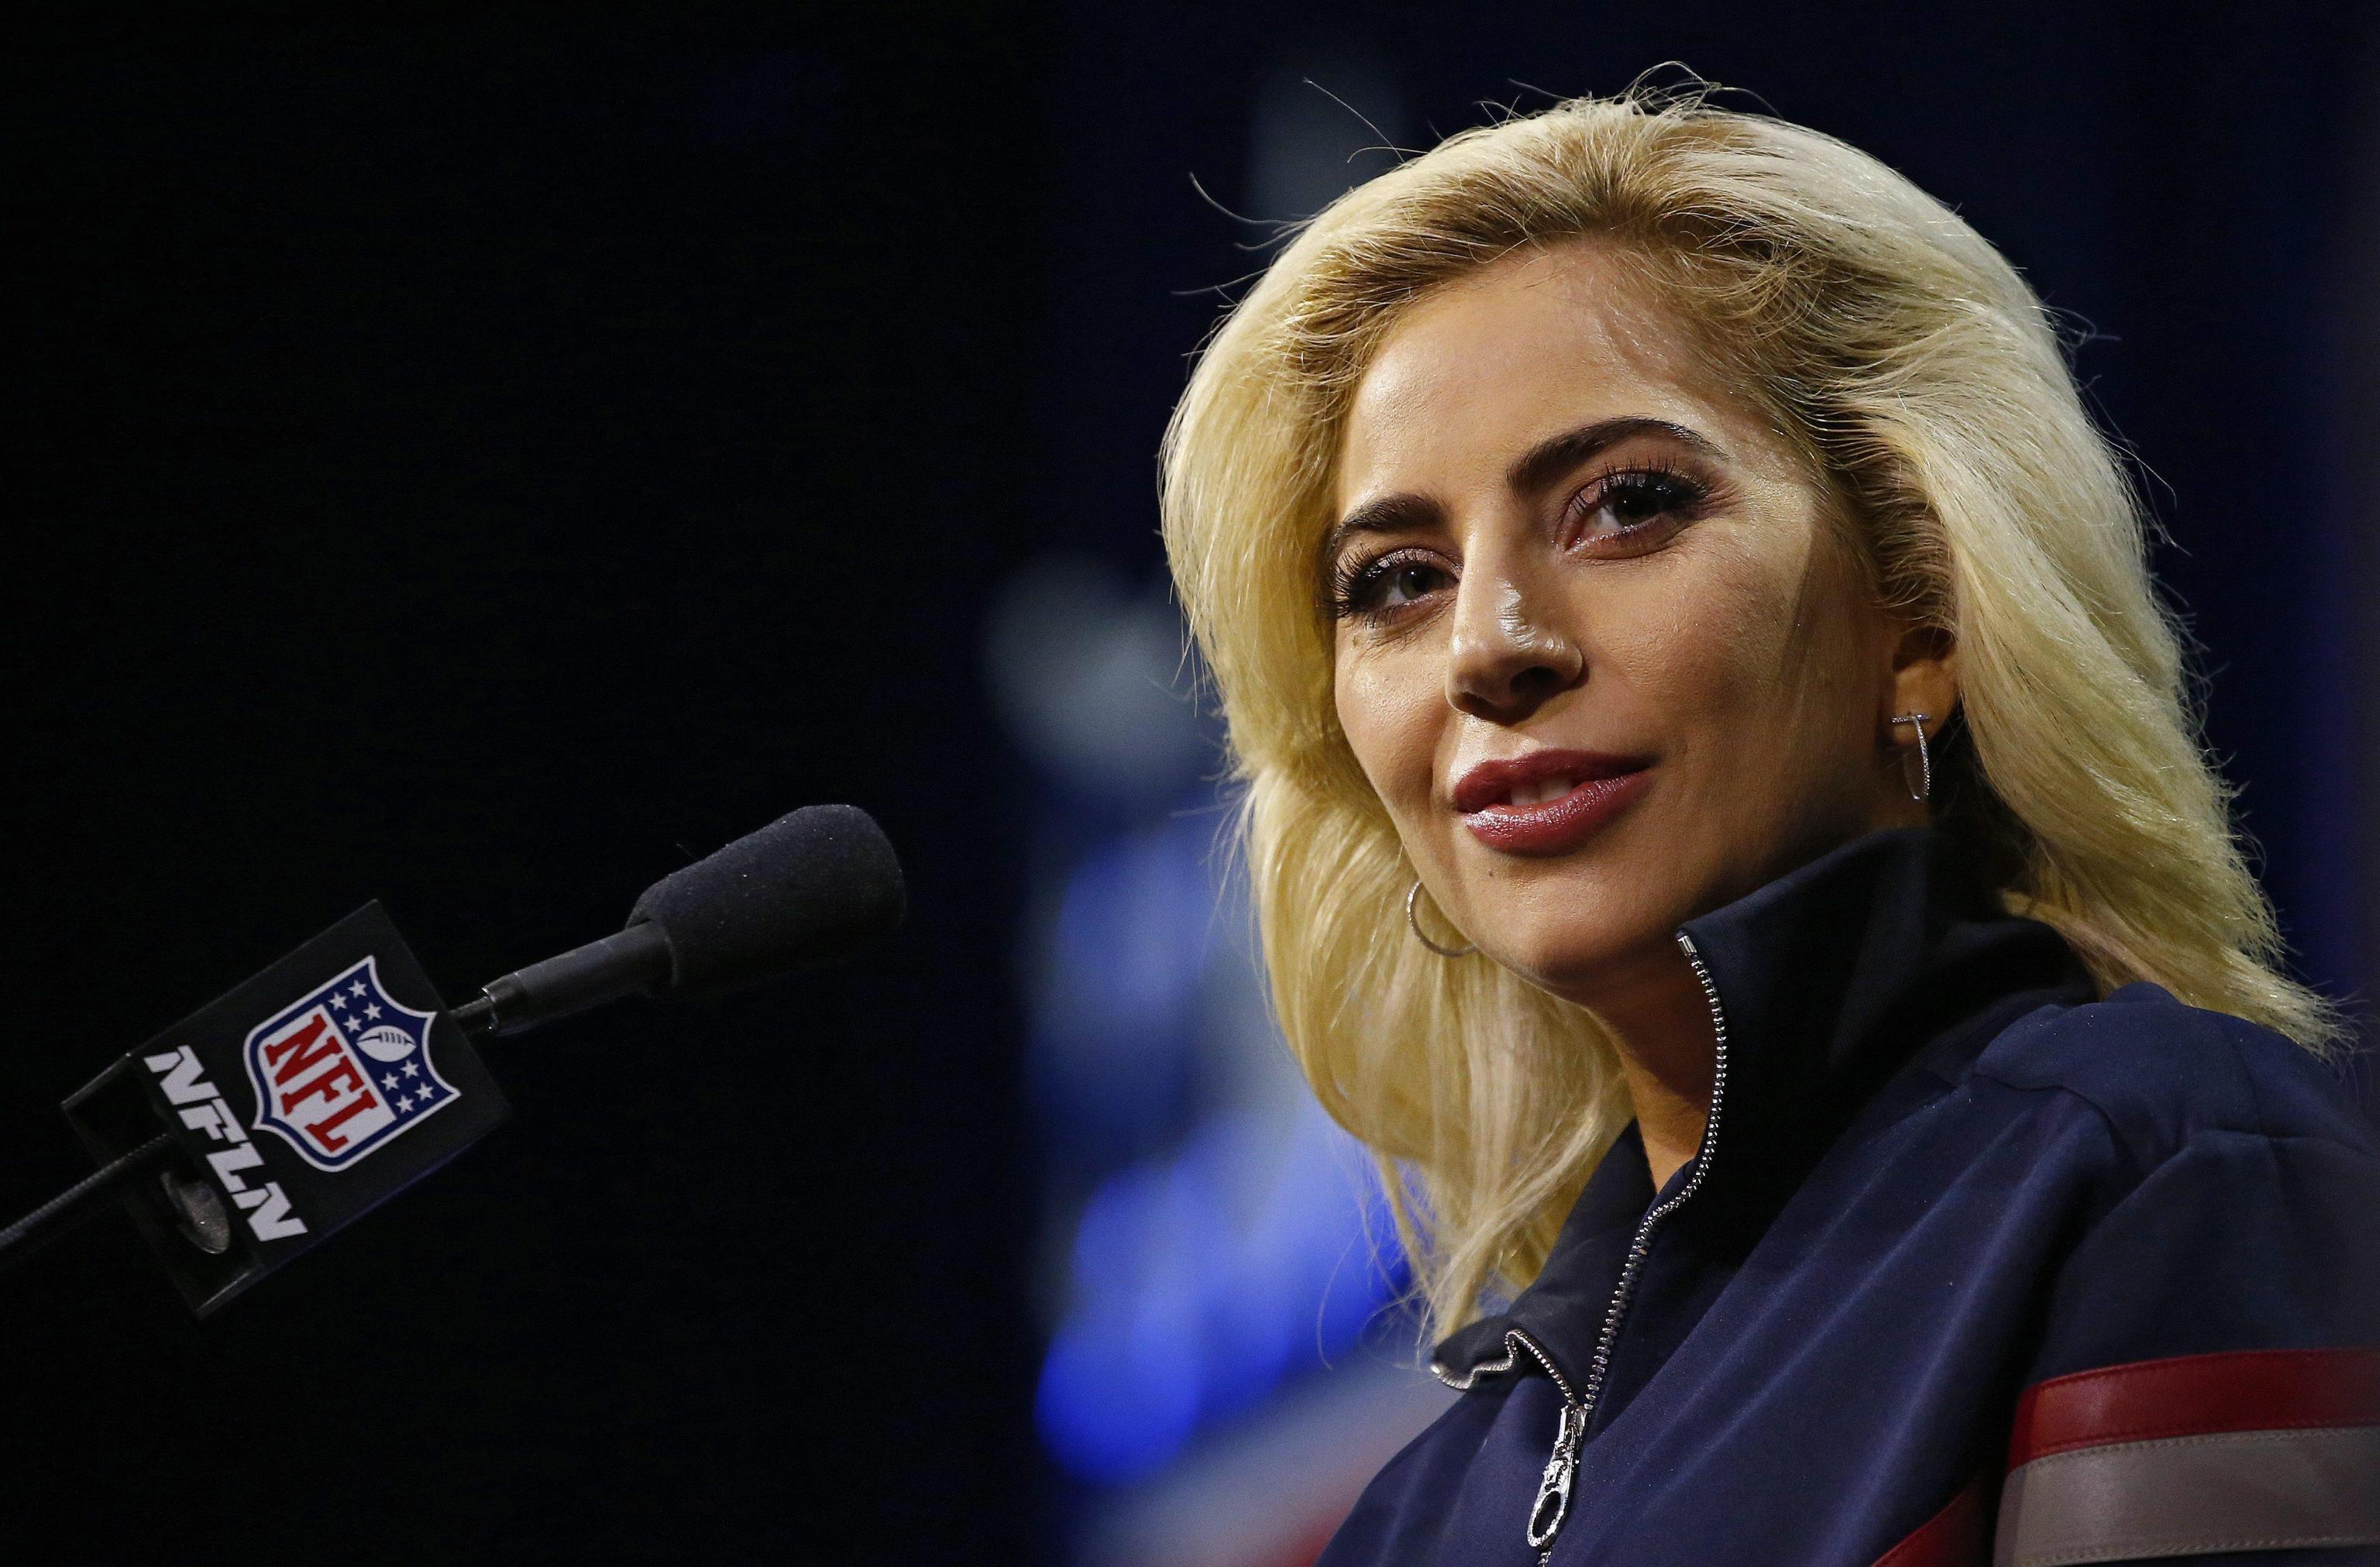 Lady Gaga a Milano per il tour 2017: concerto annullato e posticipato